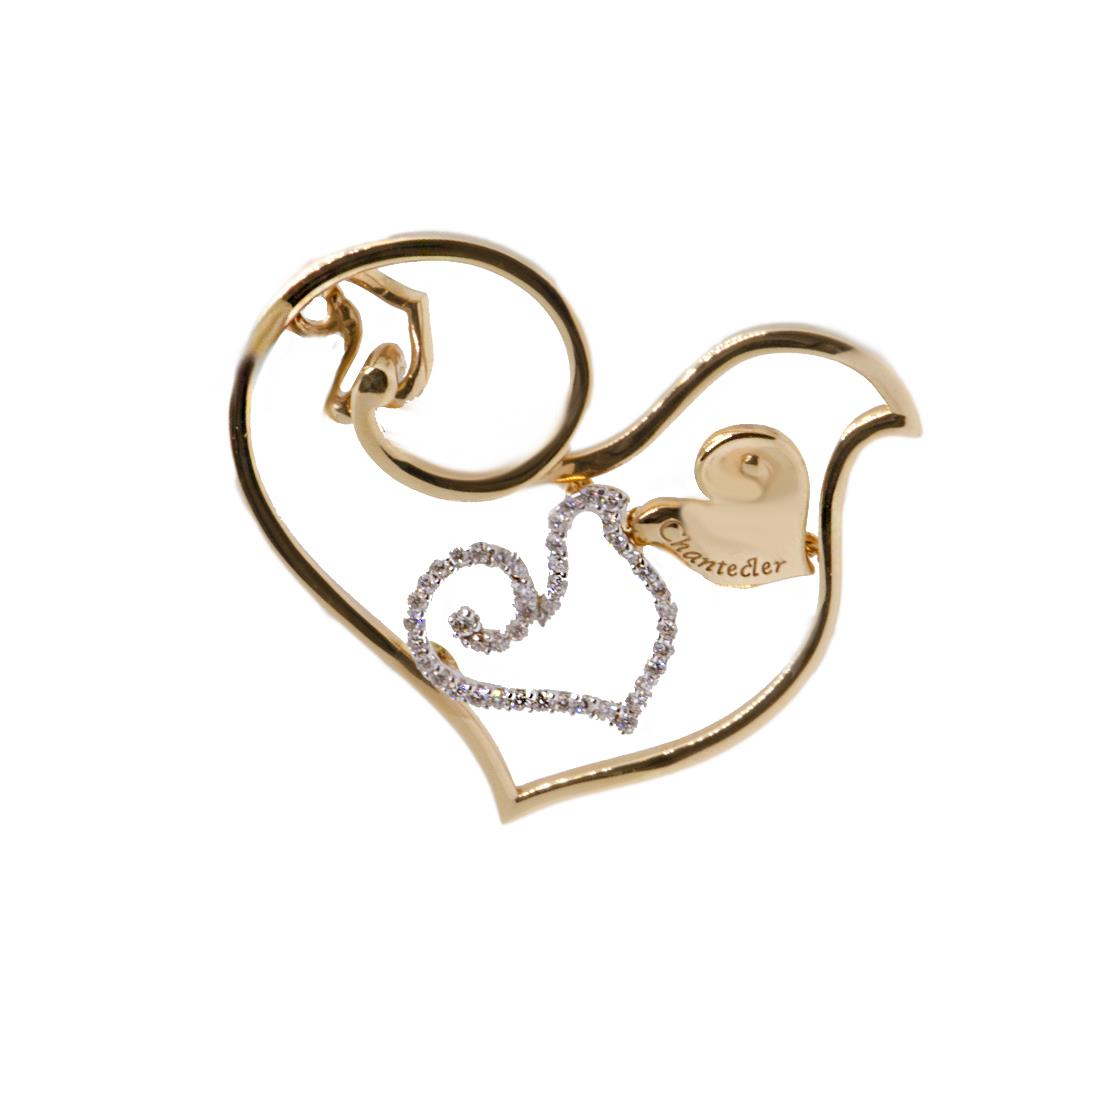 Ciondolo Chantecler Diamour in oro rosa gr 10,87 diamanti  ct 0,24 - CHANTECLER